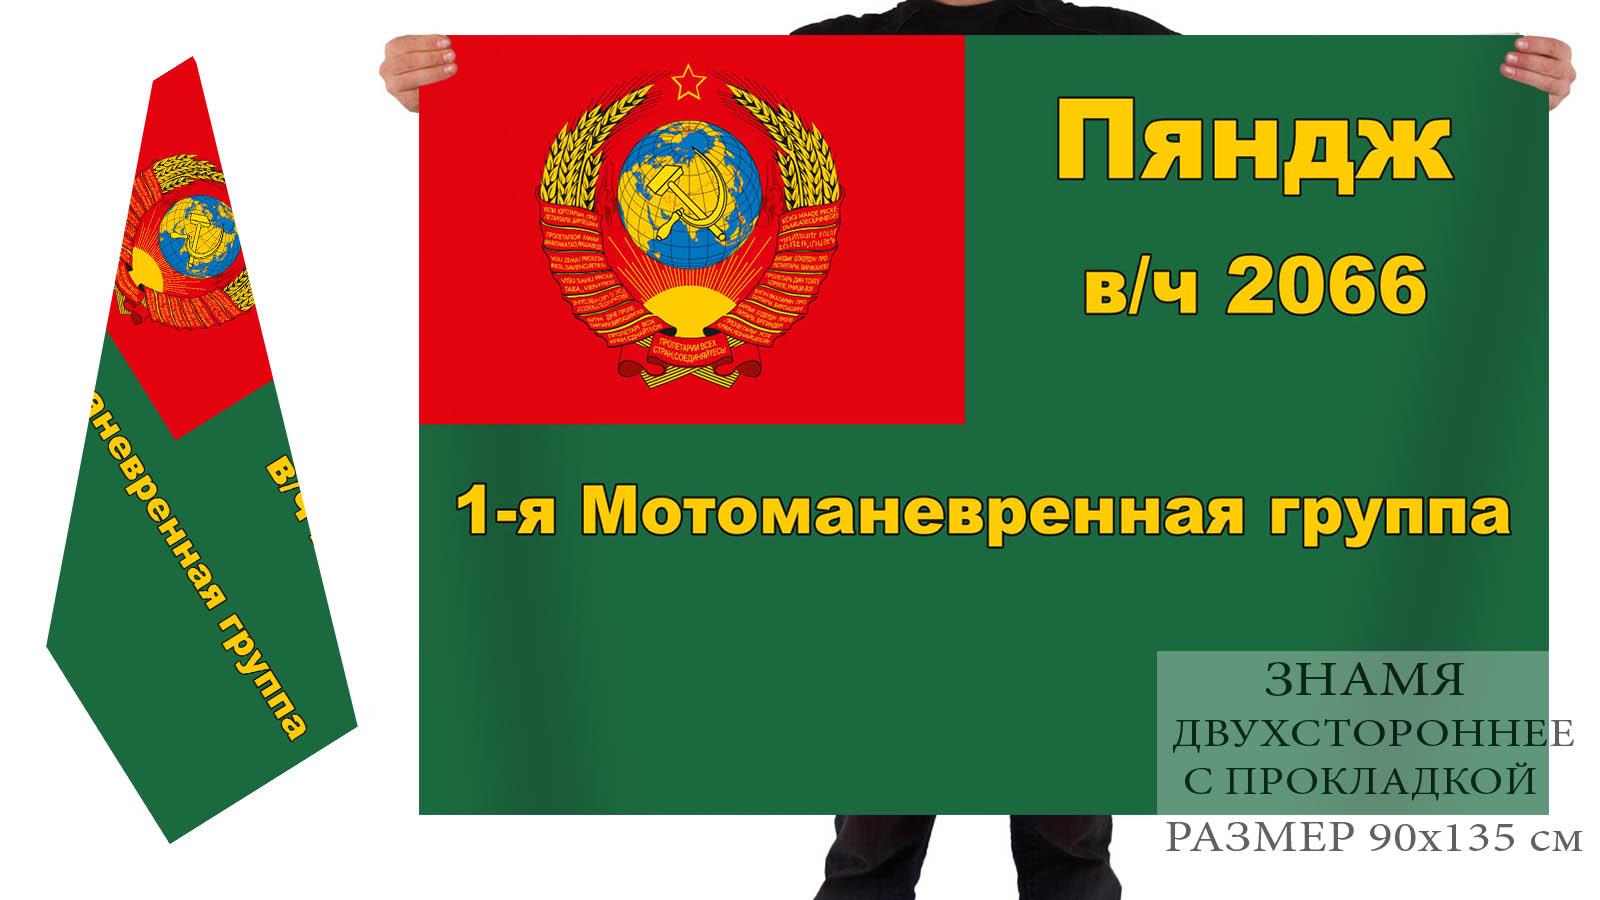 Купить в интернет магазине флаг 1-ой Мотоманевренной группы, Пяндж в/ч 2066